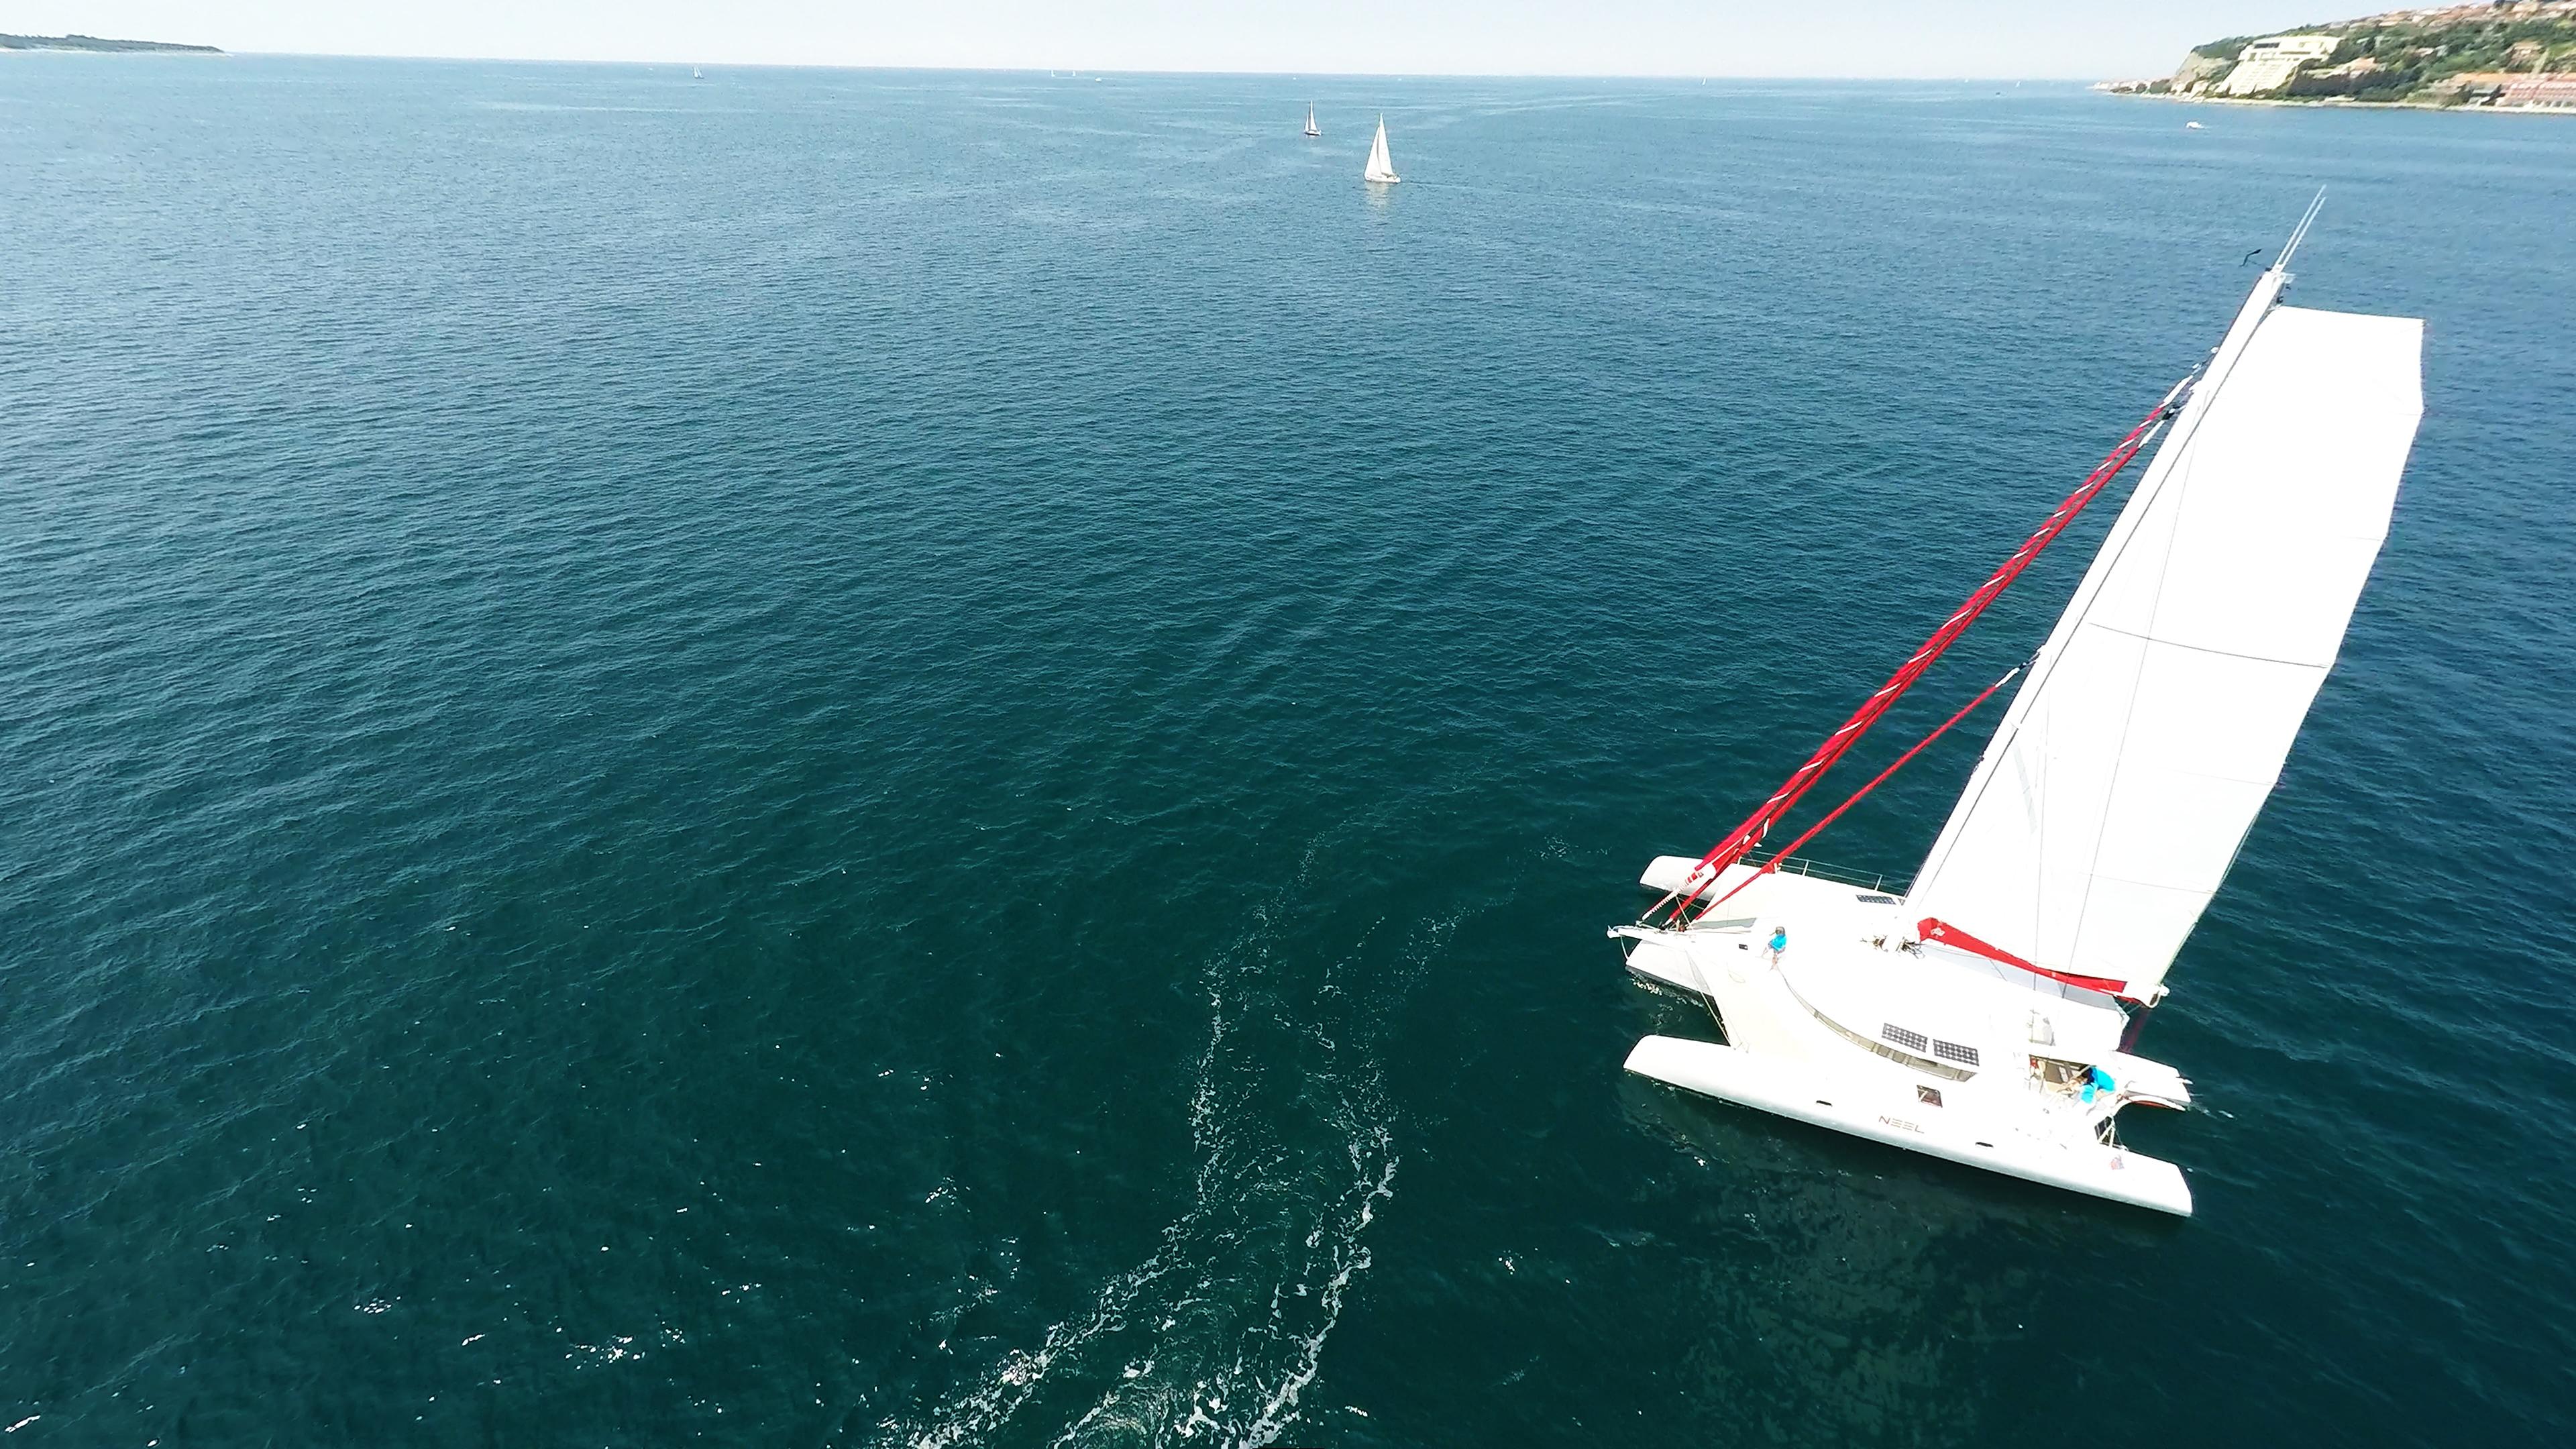 barca a vela trimarano dall'alto